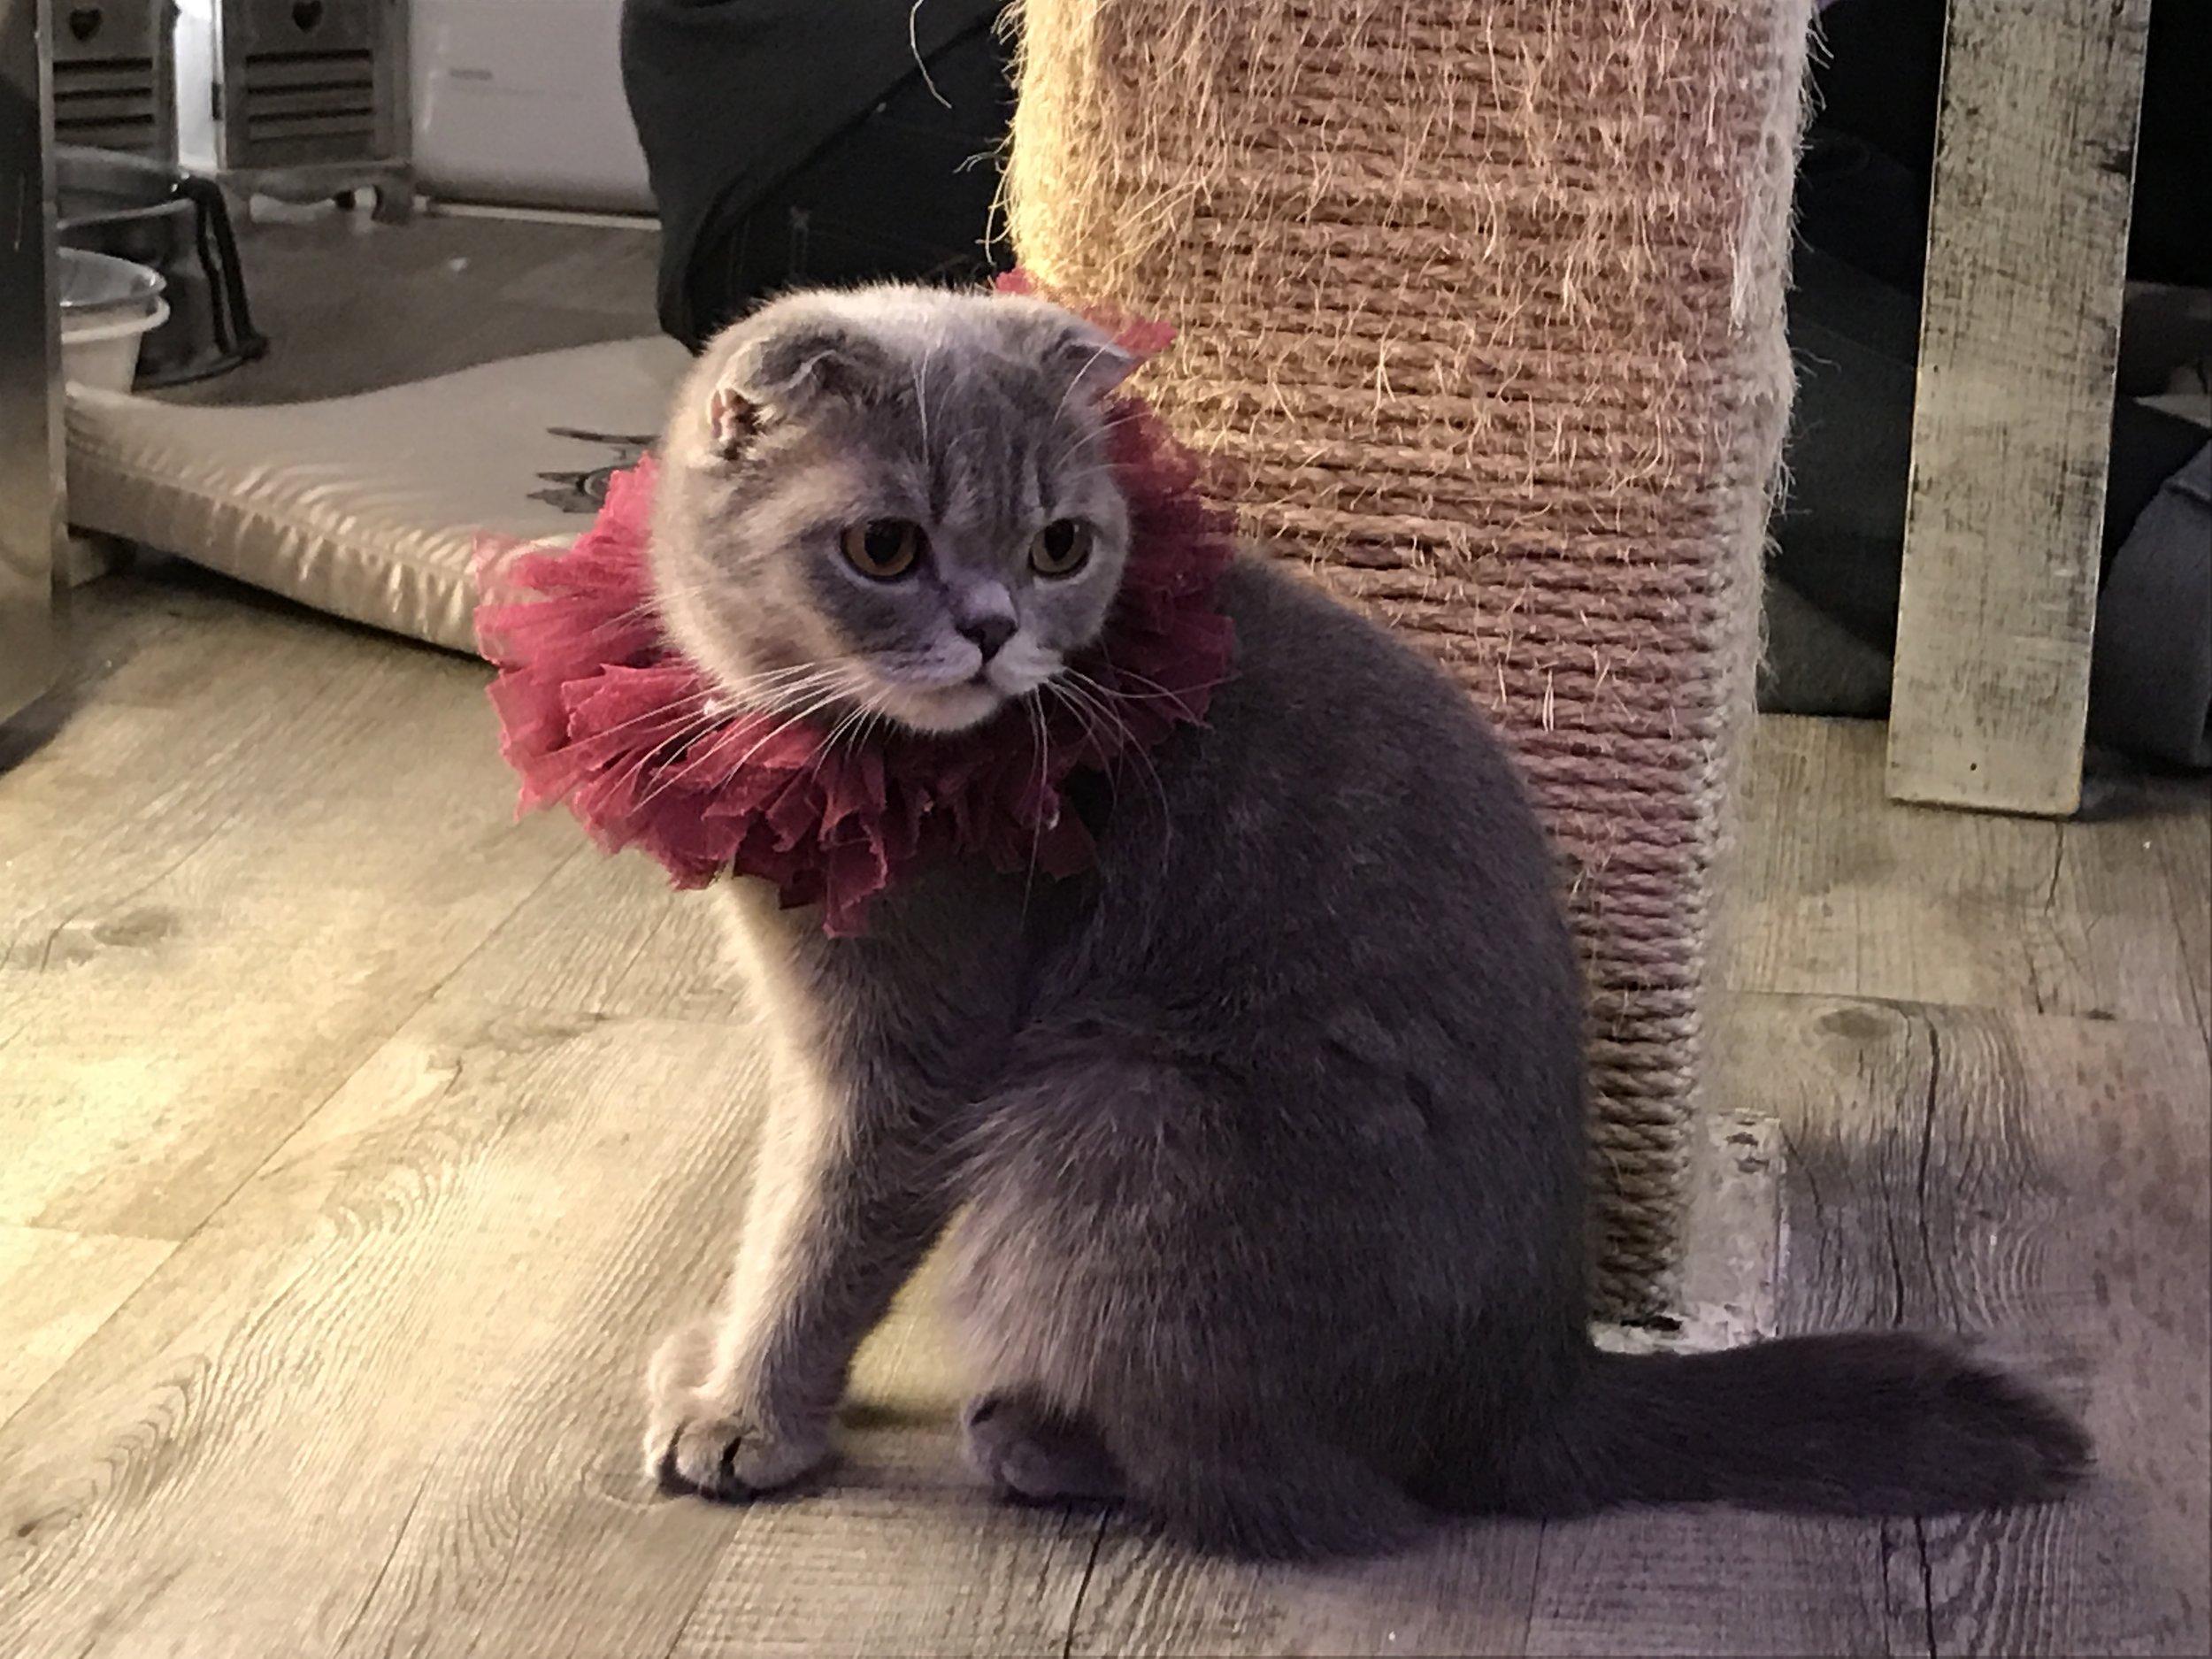 Caturday Cat Cafe cute cat